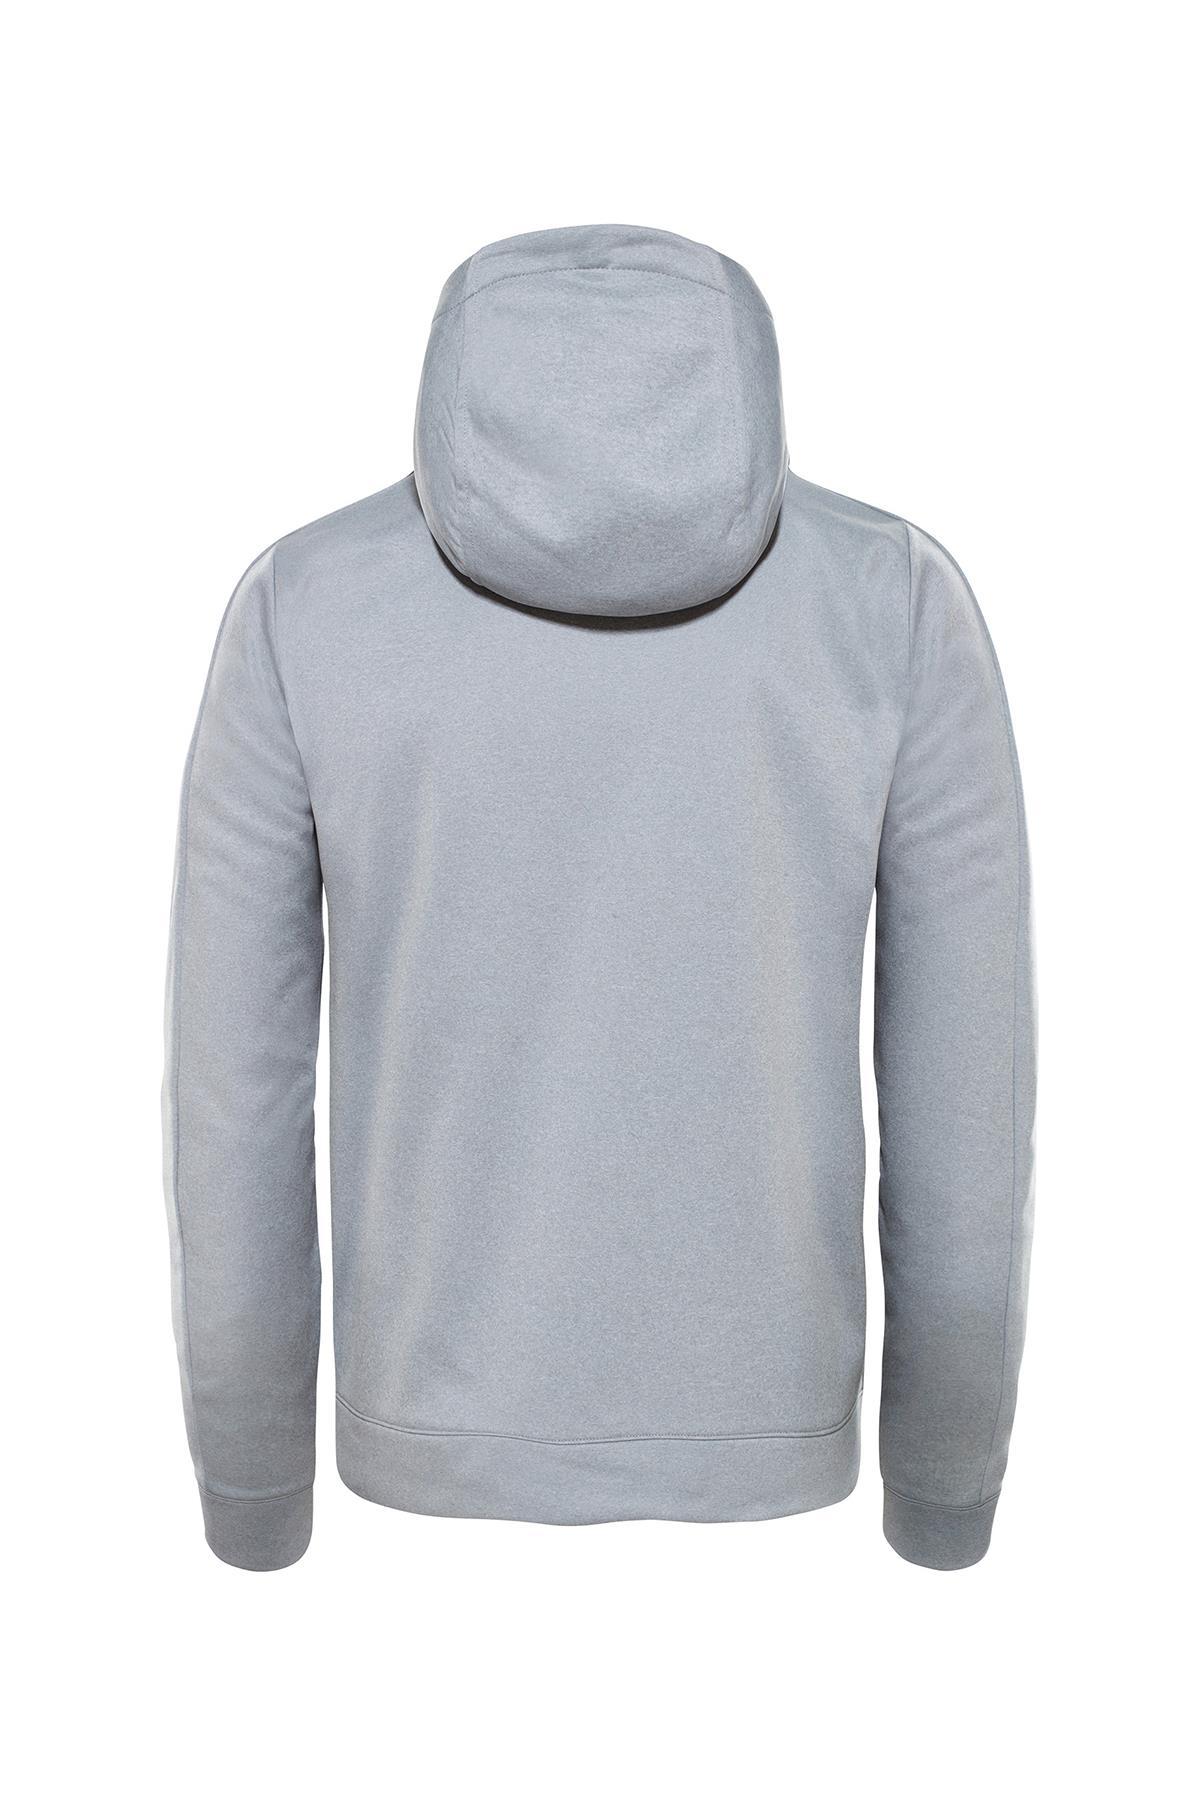 The Northface Erkek Tansa Hoodie T92Wauv3T Sweatshirt